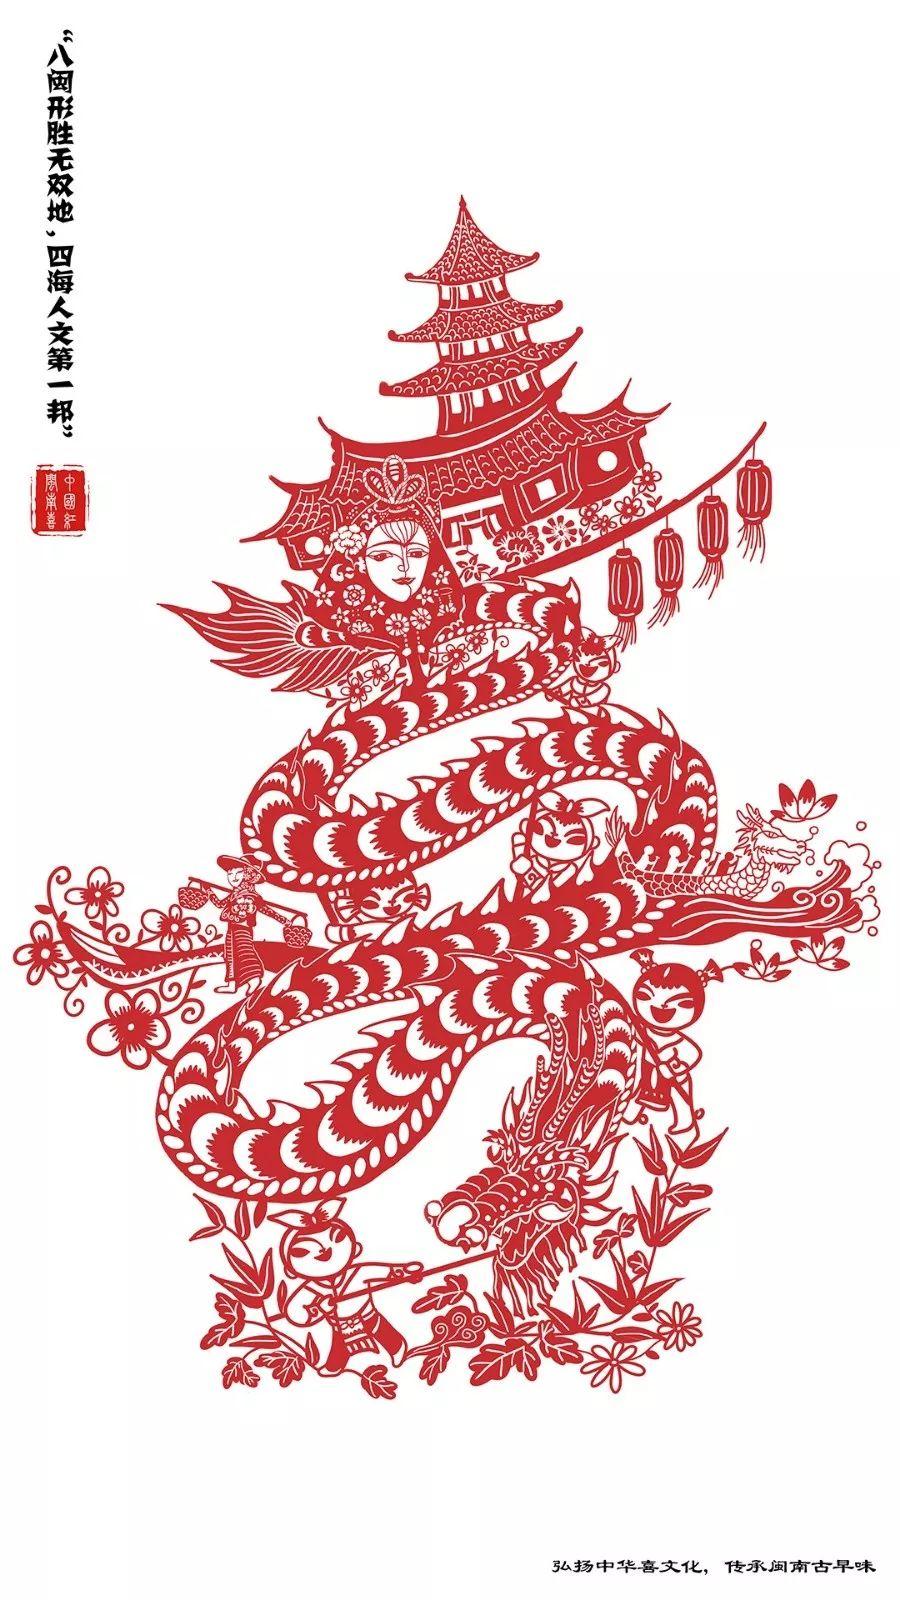 沾喜气 过新年: 100张喜庆海报设计